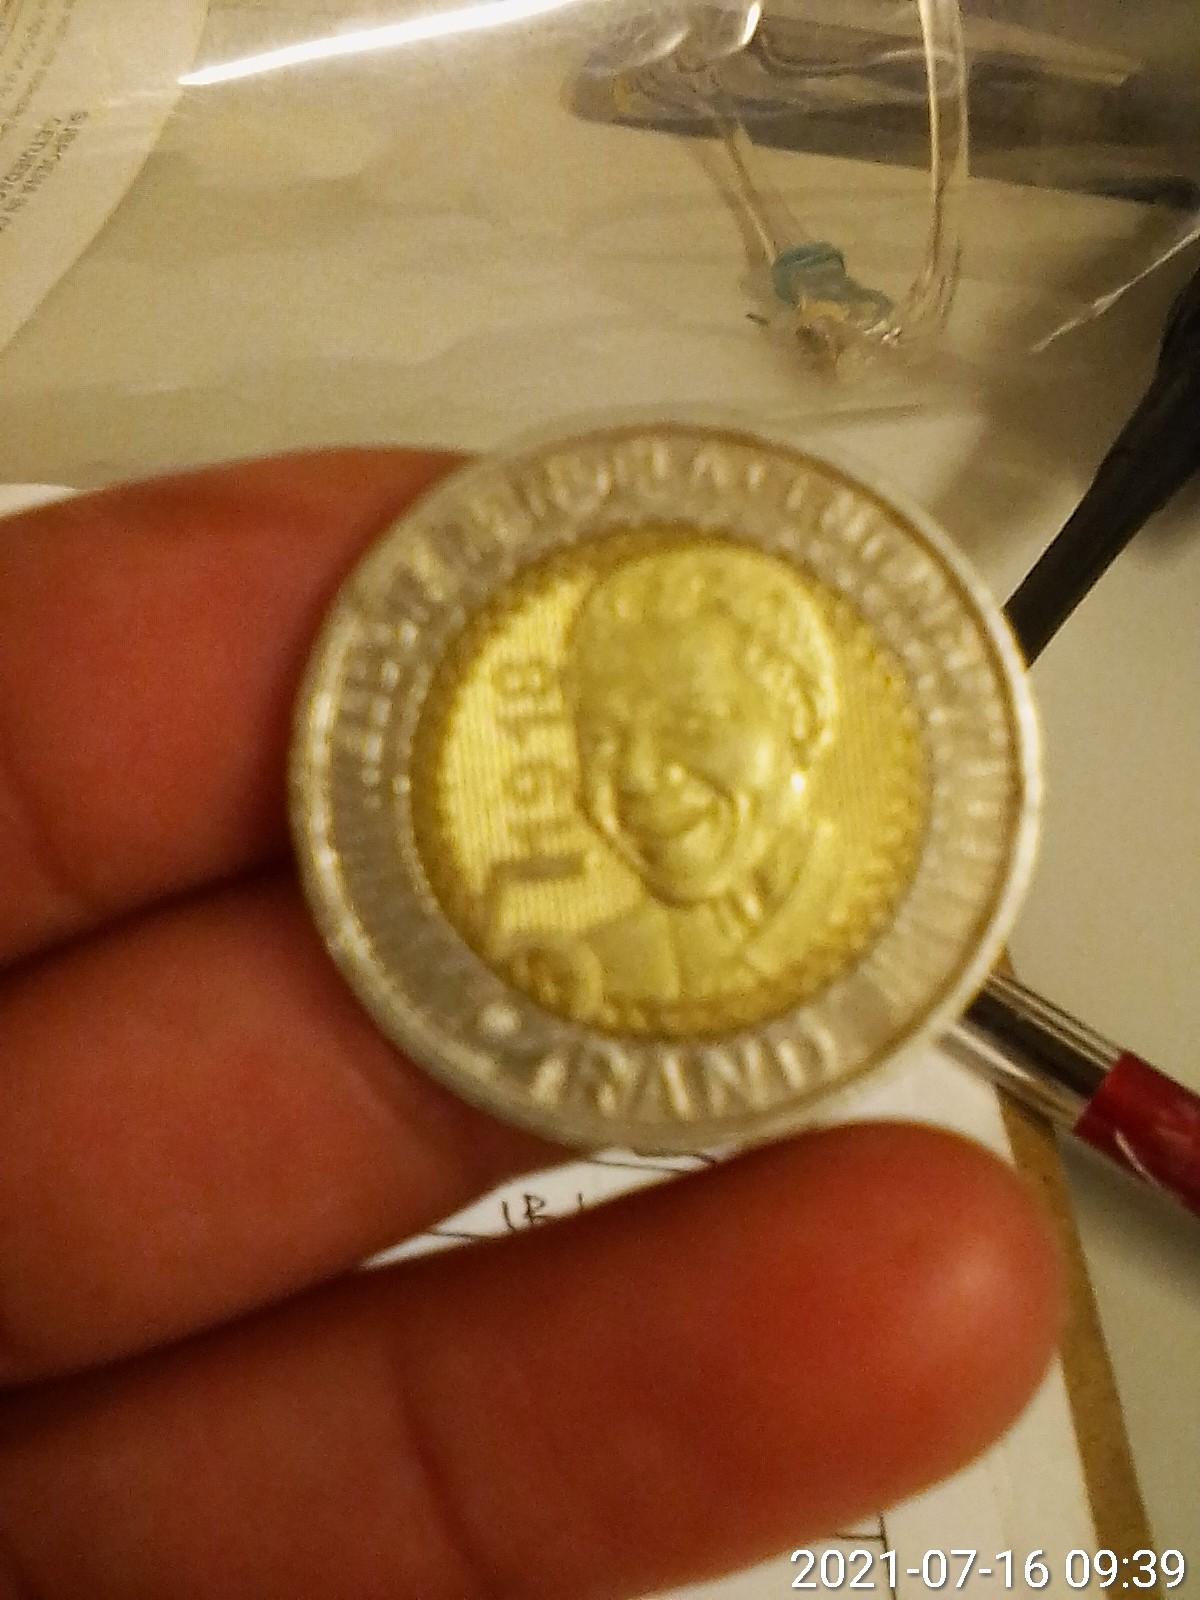 Mandela coin rare